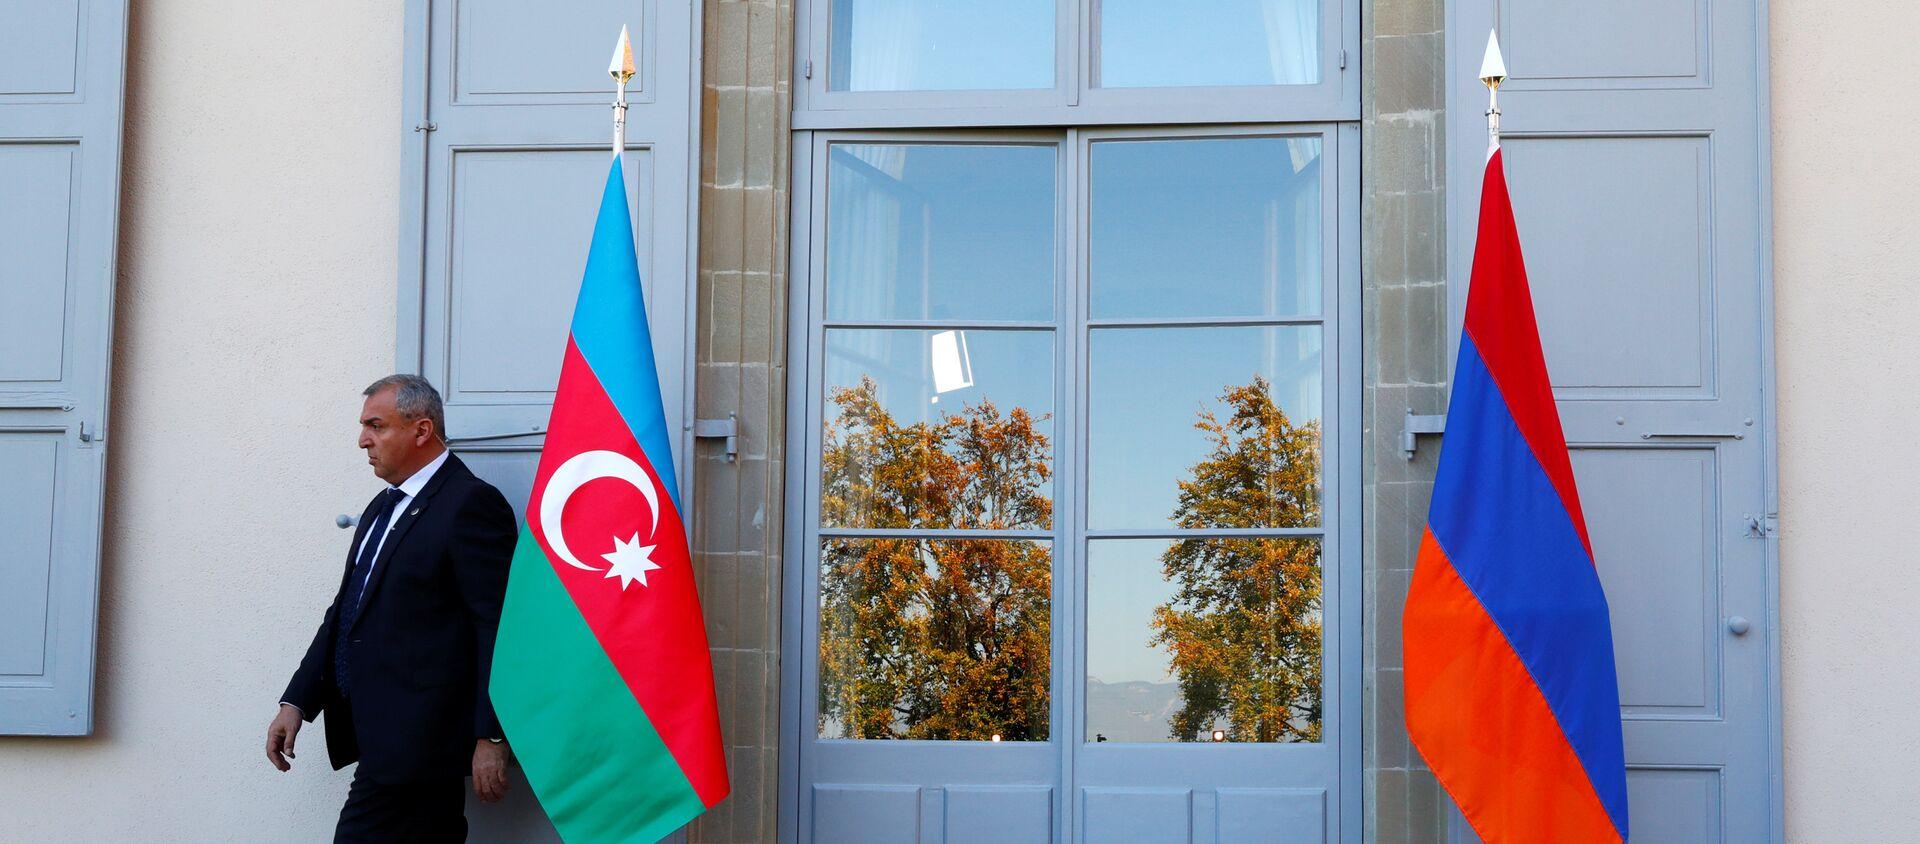 Охранник проходит мимо азербайджанского (слева) и армянского флага на открытии переговоров в Женеве, Швейцария - Sputnik Грузия, 1920, 29.03.2021